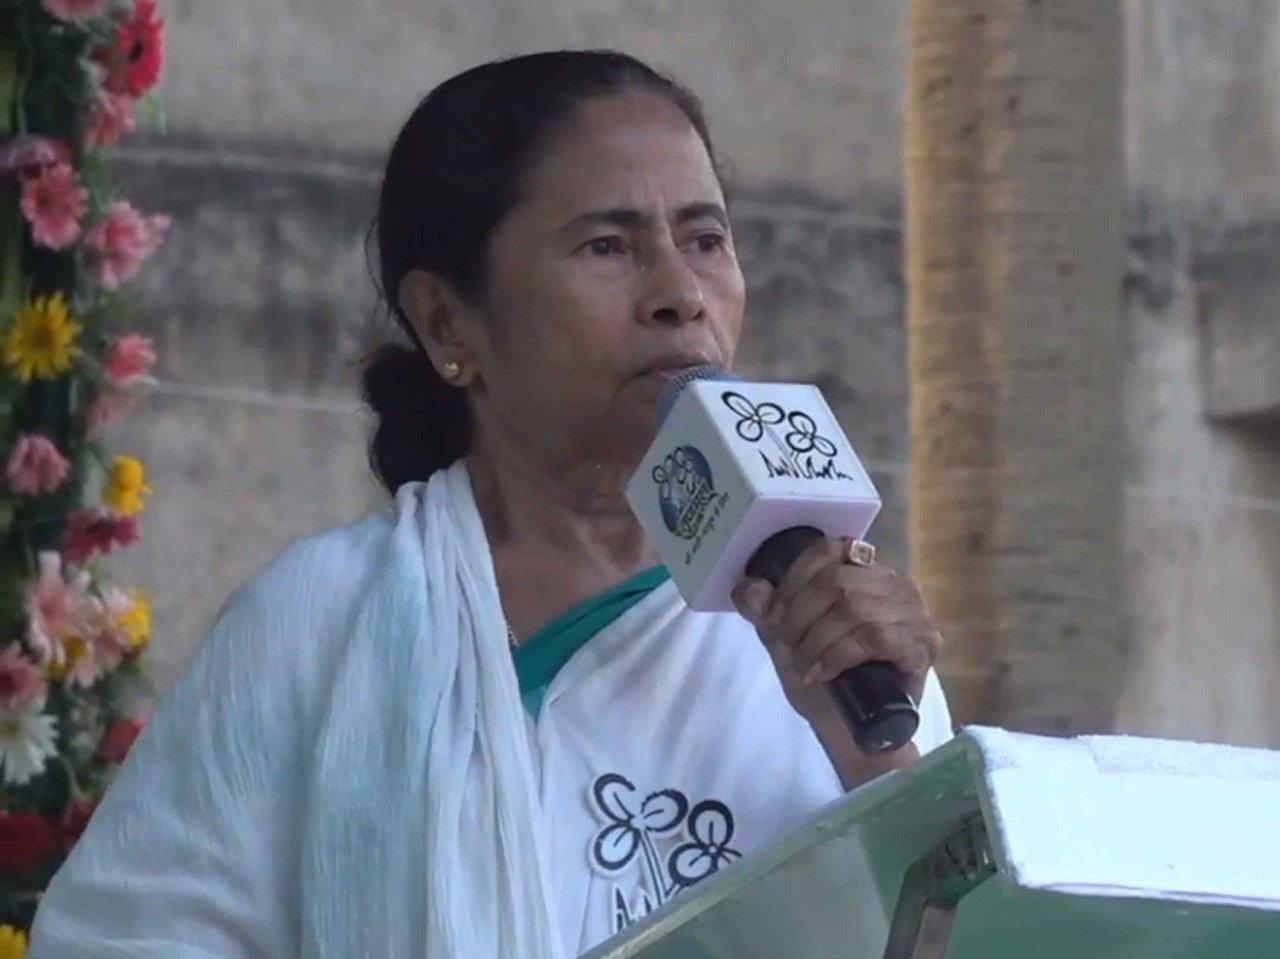 দাঙ্গা লাগিয়ে ফায়দা লুটতে চায় বিজেপি পশ্চিমবঙ্গে : মমতা